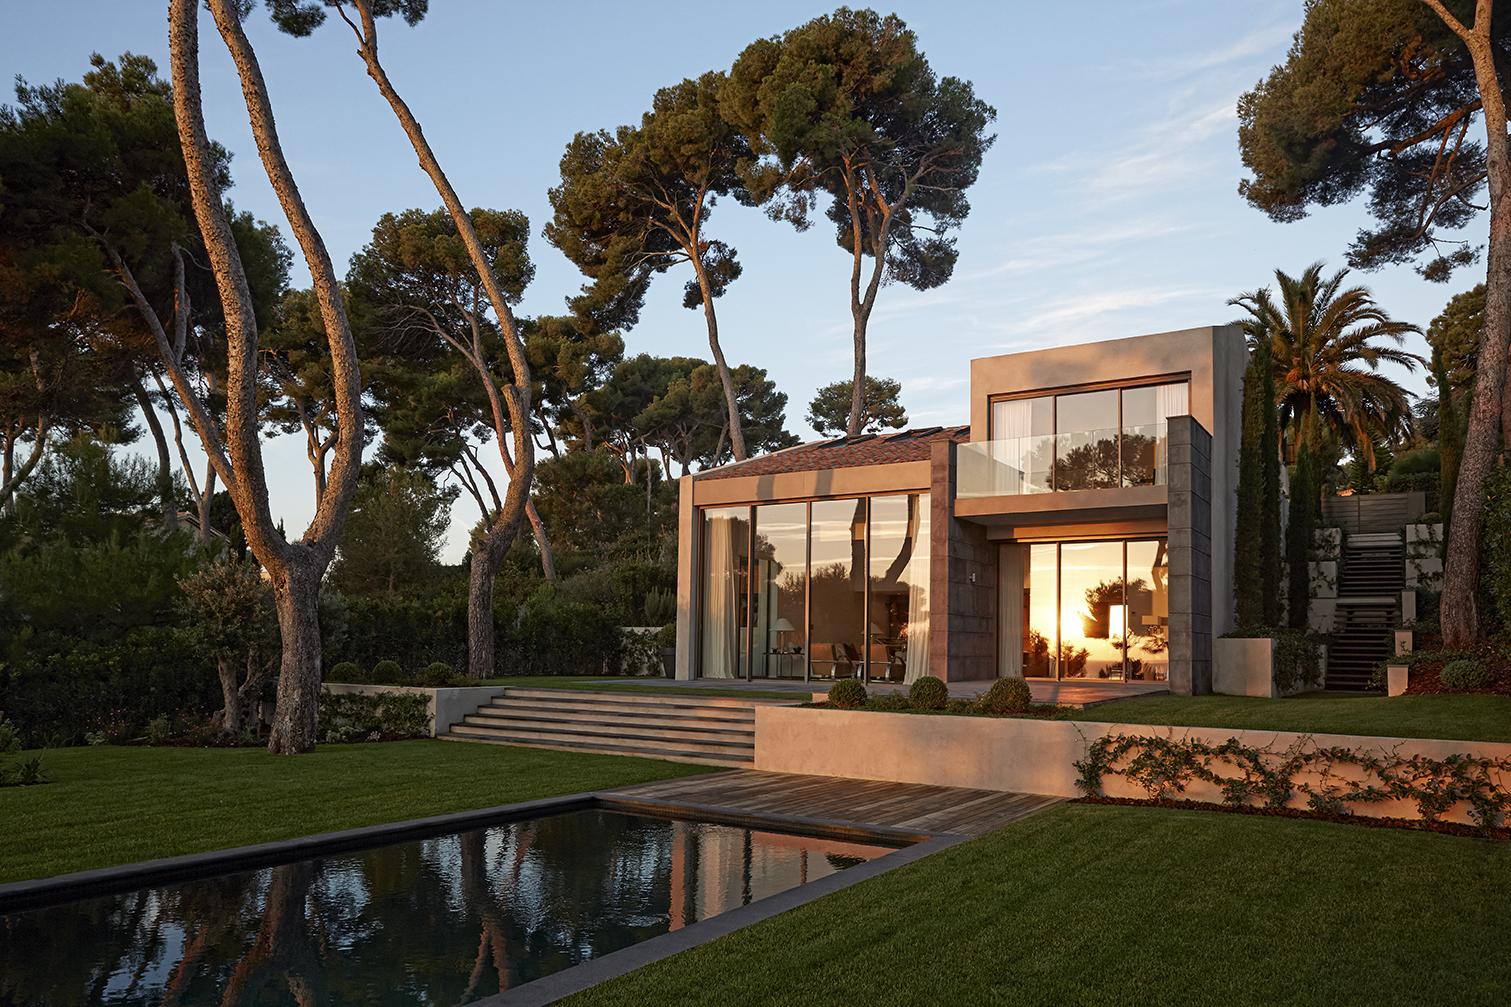 Maison unifamiliale pour l Vente à Cap d'Antibes - newly built villa for sale Cap D'Antibes, Provence-Alpes-Cote D'Azur 06160 France